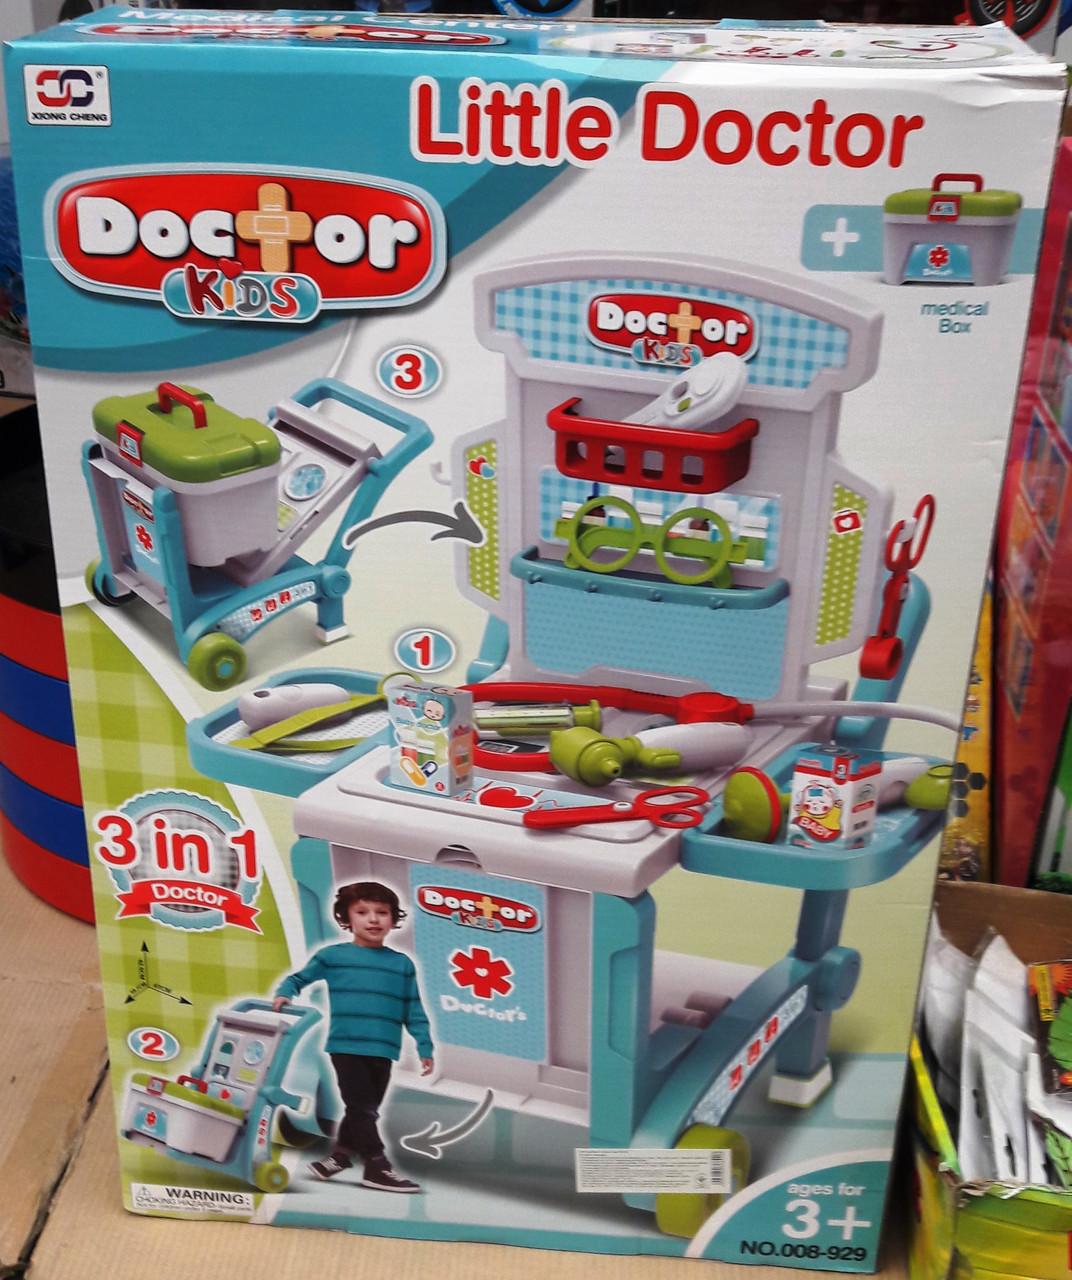 Игровой набор Доктора 008-929 в Чемодане - трансформере 4 в 1 на колесах